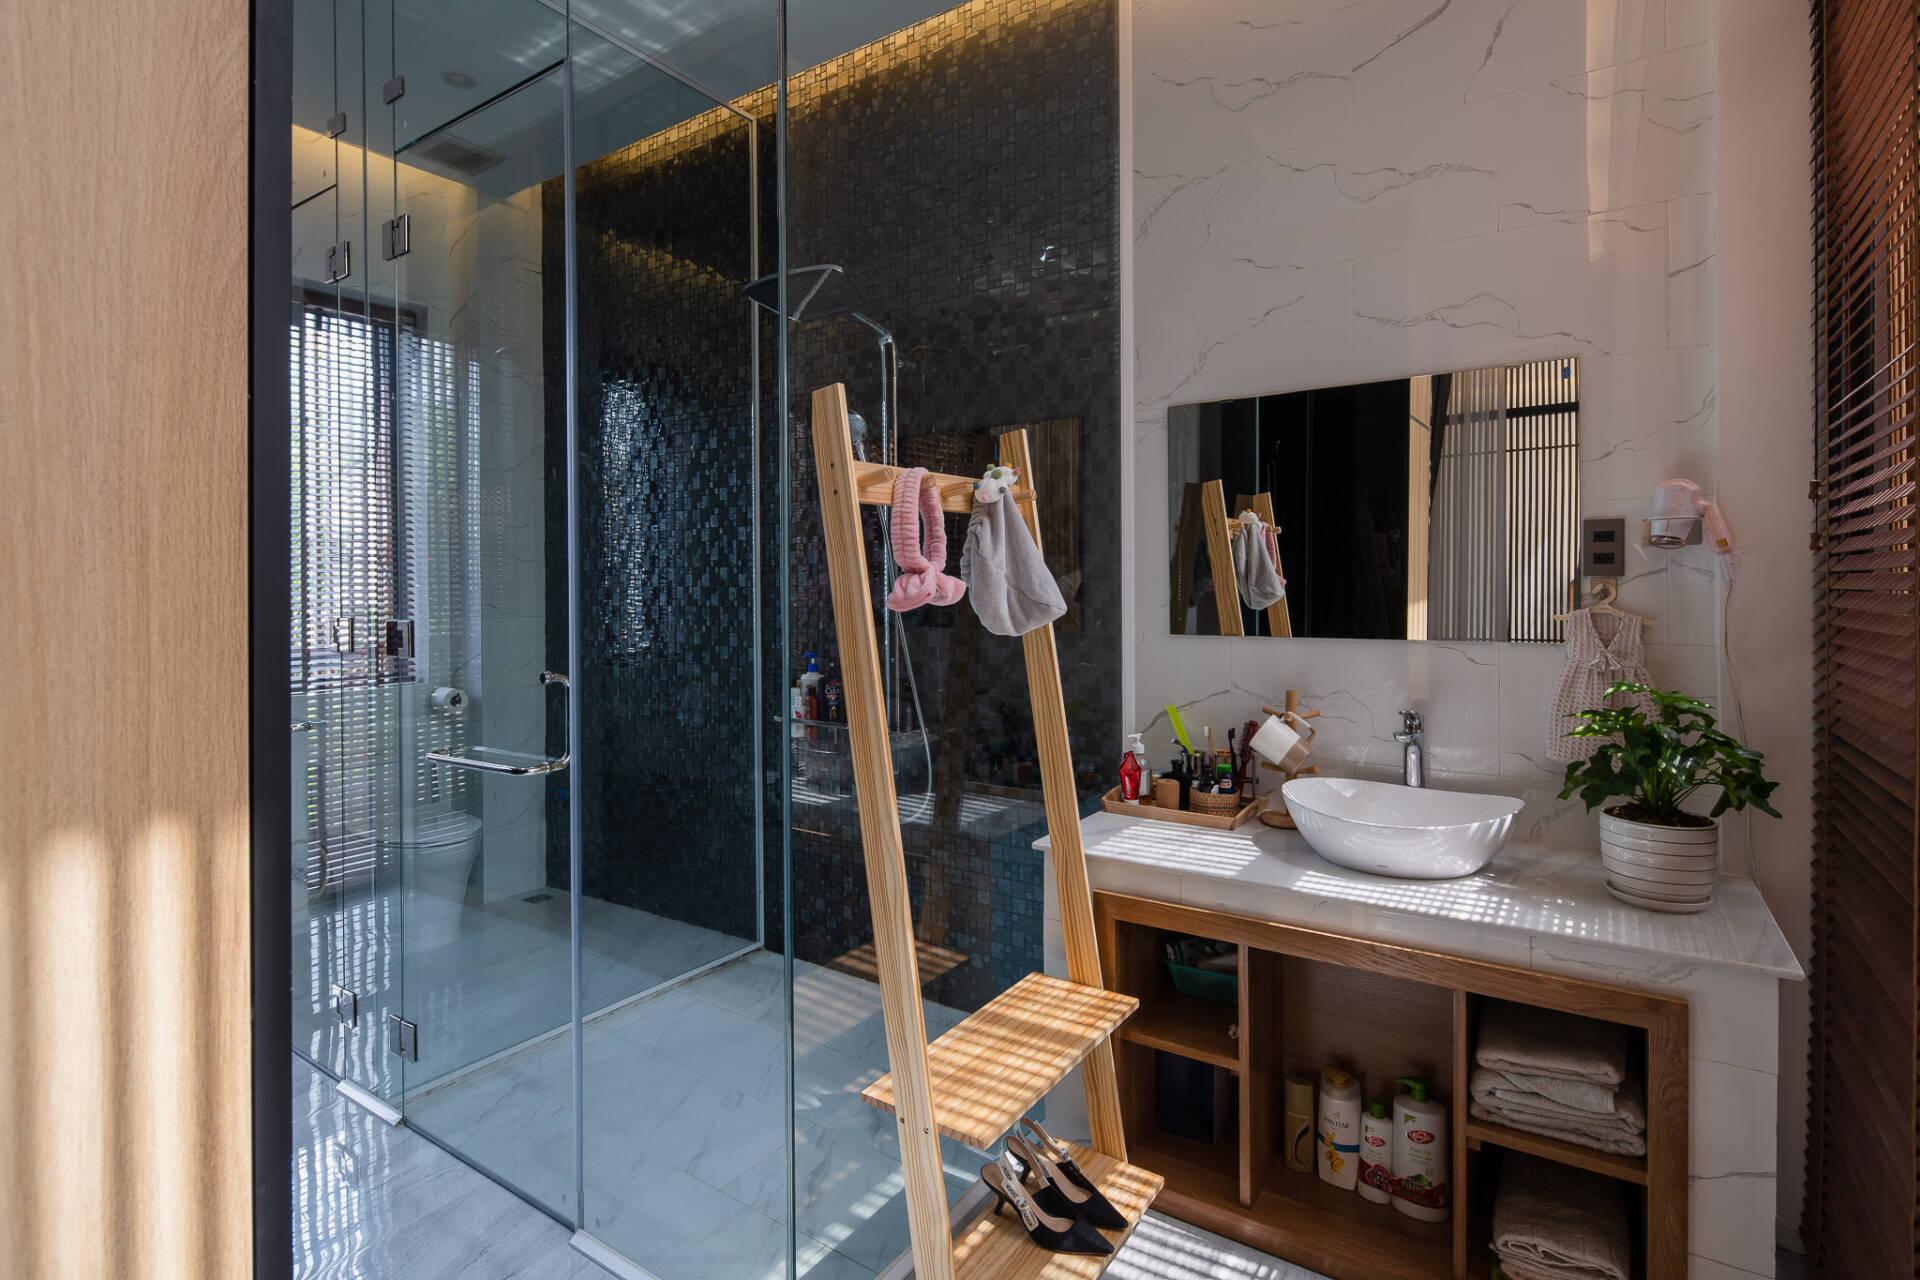 Phòng vệ sinh phân chia khu khô - ướt riêng biệt nên rất sạch sẽ, khô ráo